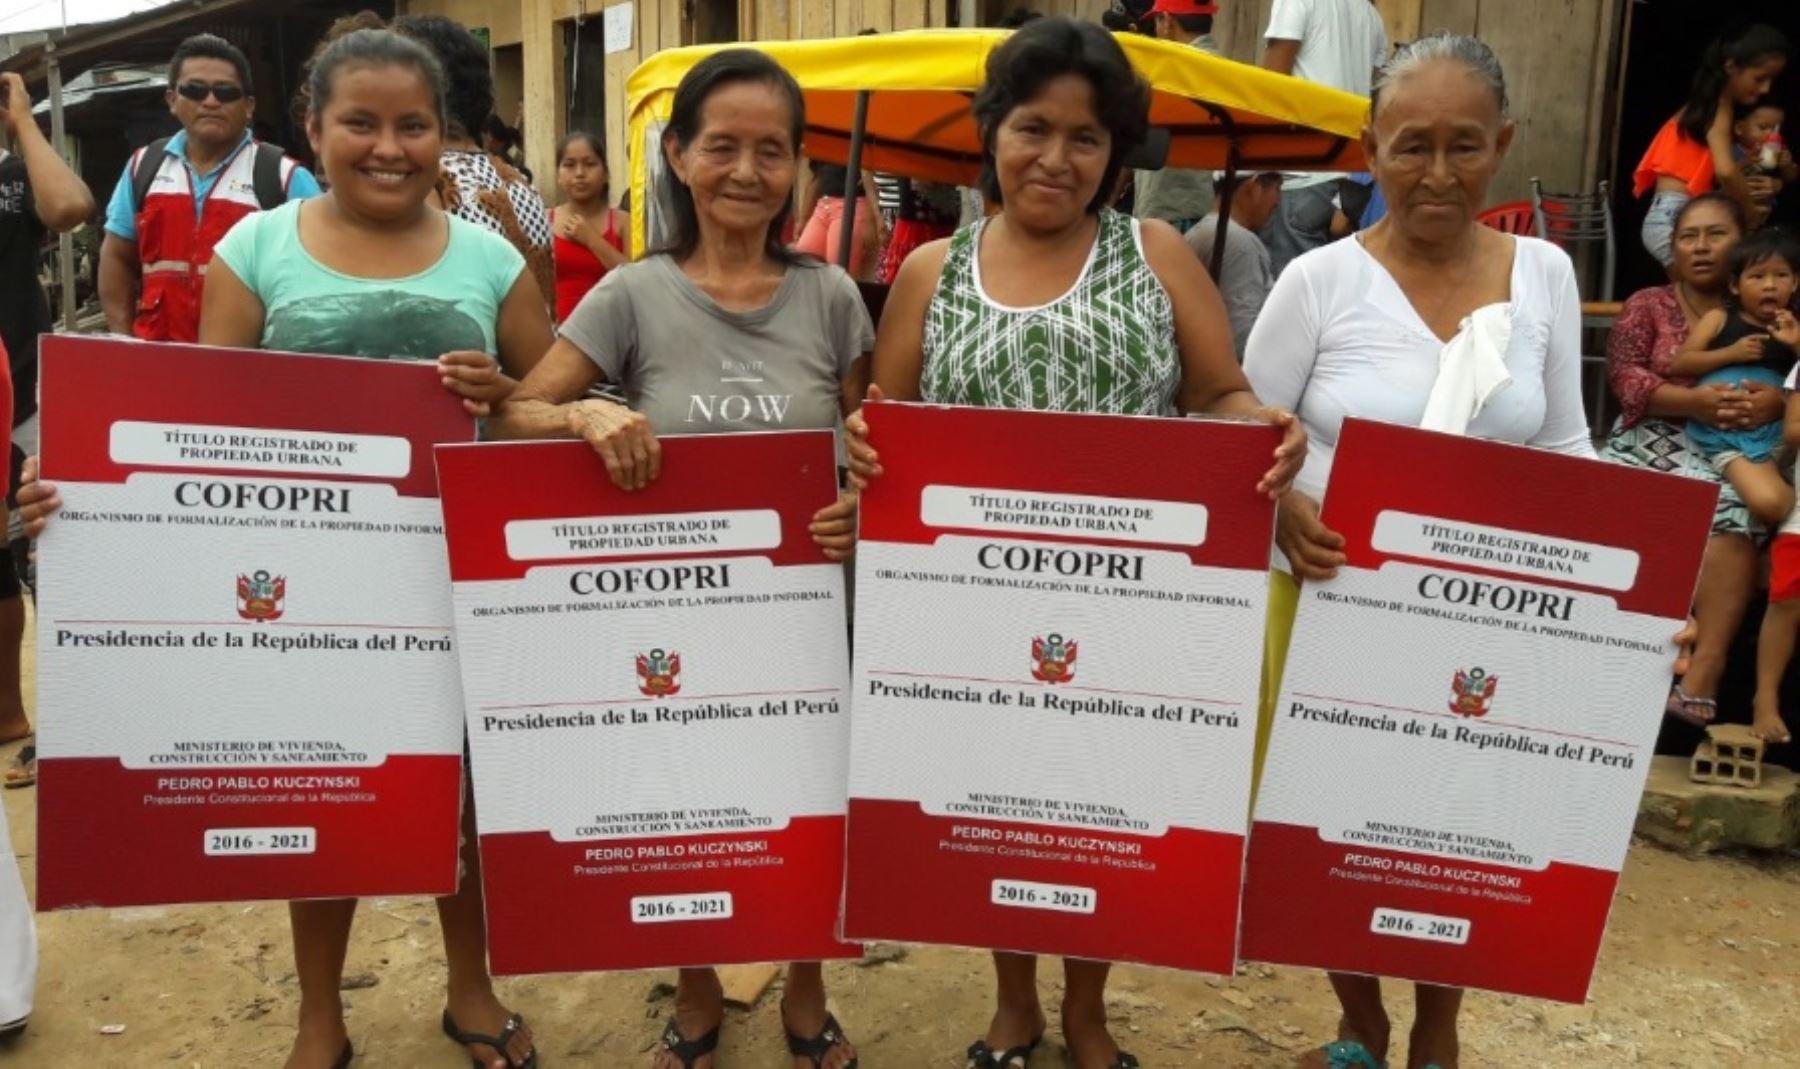 Más de 5,000 beneficiarios directos de la región Loreto mejorarán su calidad de vida gracias a la entrega de 1,330 títulos de propiedad por parte del Organismo de Formalización de la Propiedad Informal (Cofopri) en las provincias de Loreto, Ramón Castilla, Maynas, Requena, Ucayali y Alto Amazonas.